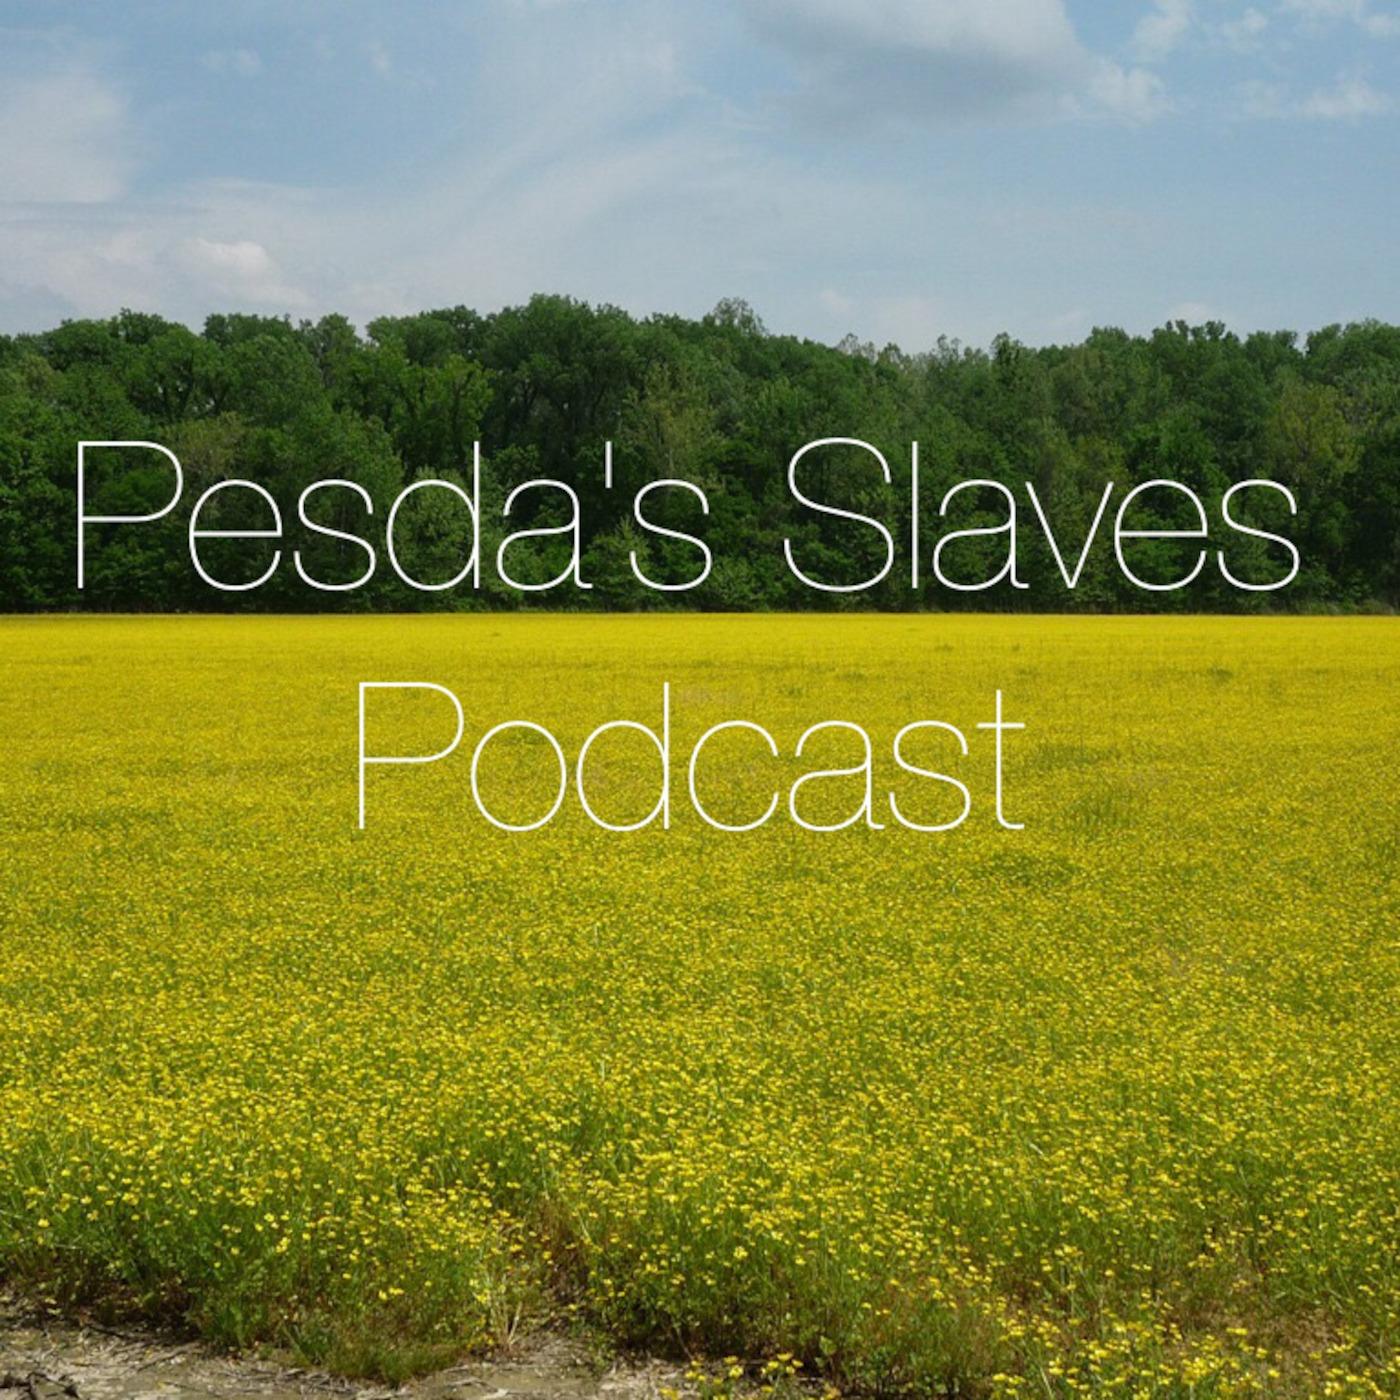 Pesda's Slaves Podcast